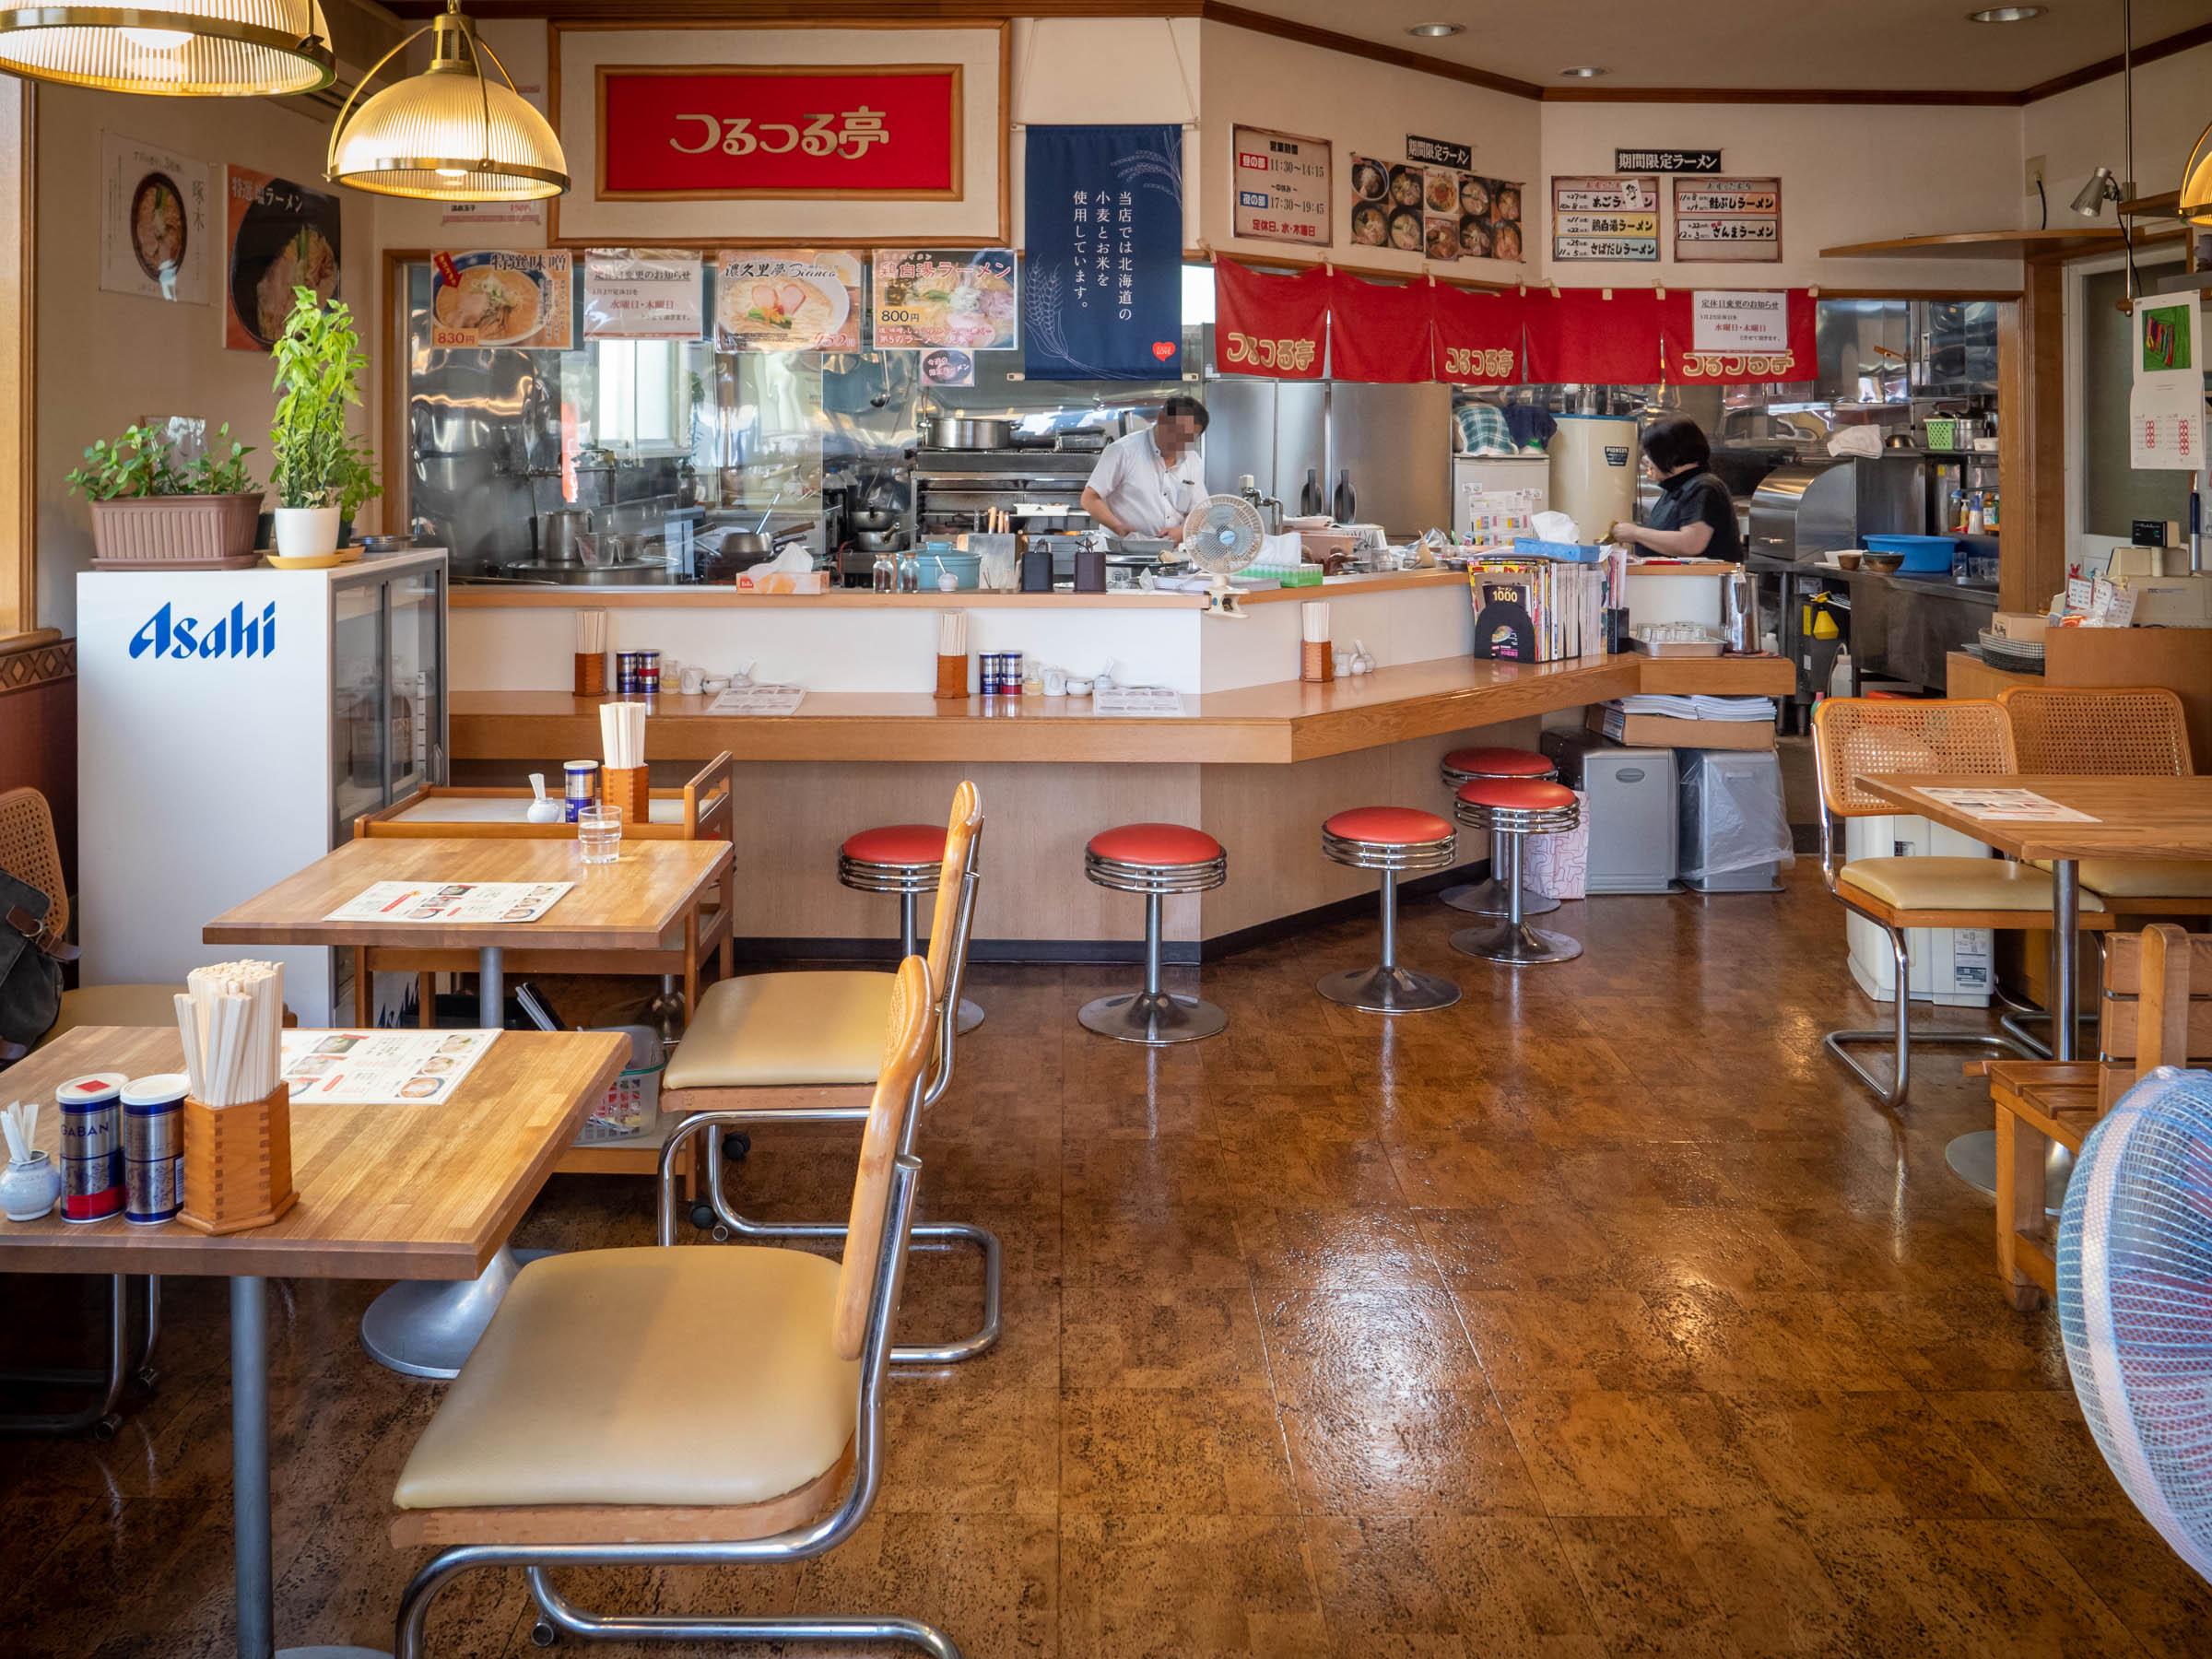 麺つるつる亭 出入口側から見た店内 DMC-GX8 + LEICA DG 12-60mm